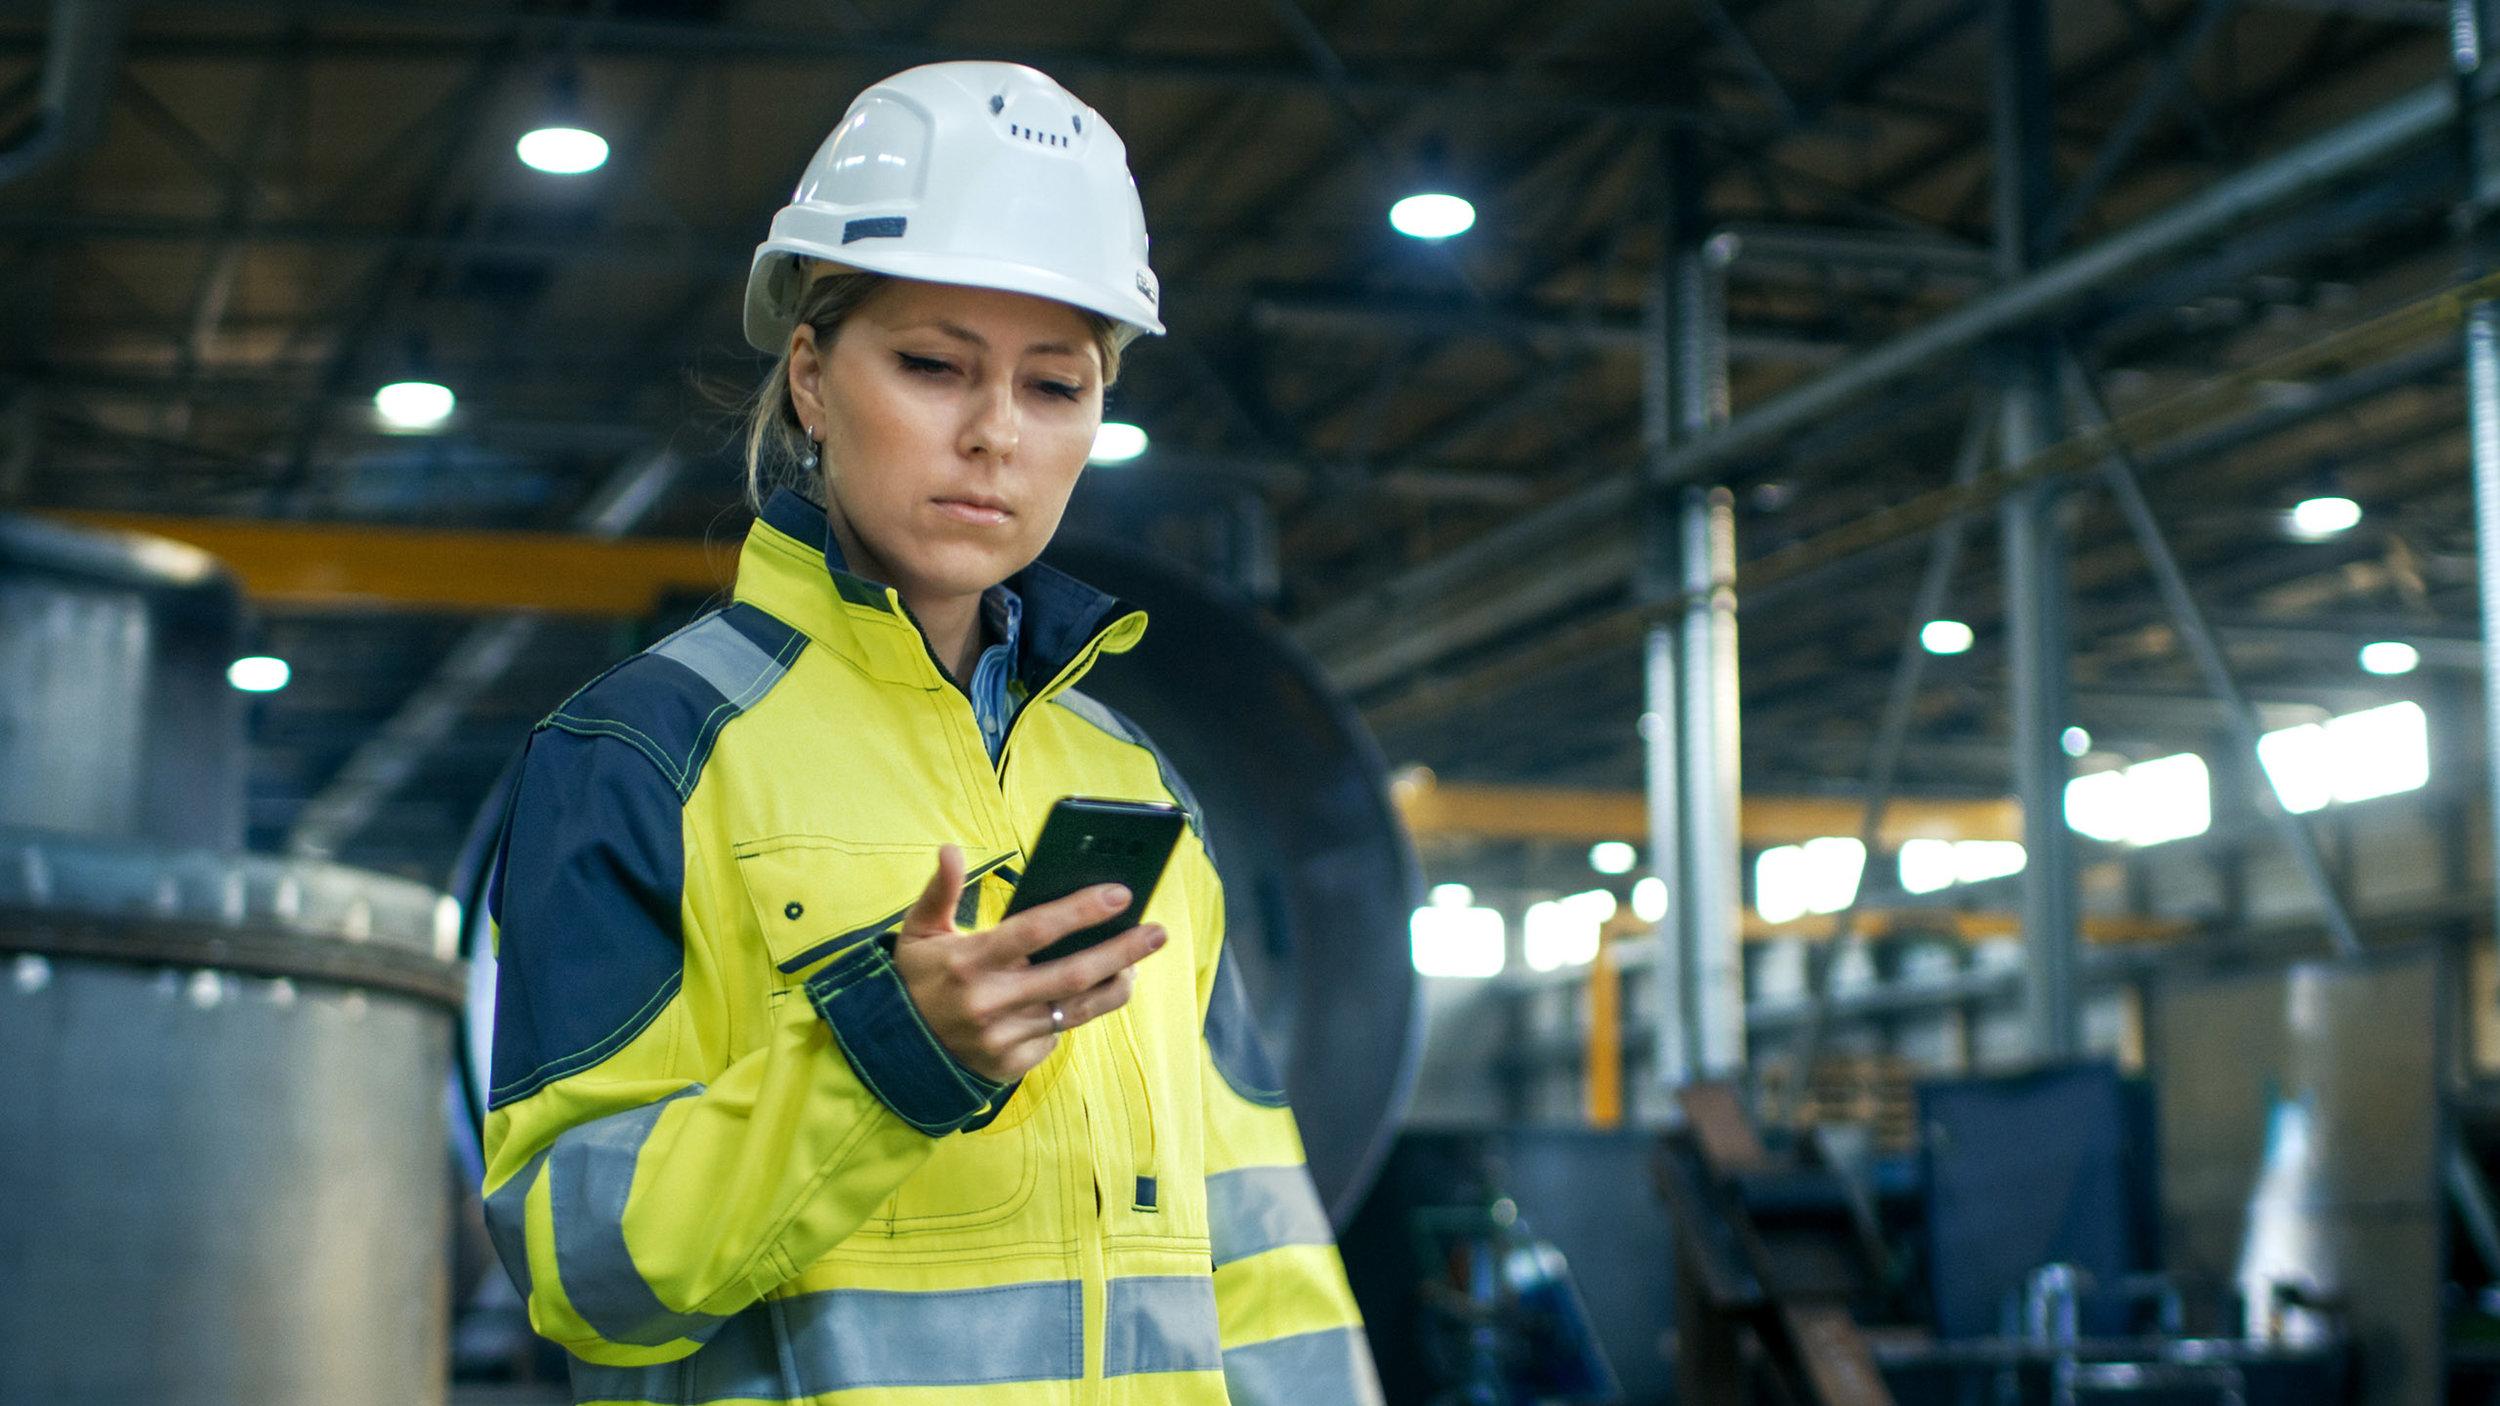 Female Engineer on Phone in Factory.jpg